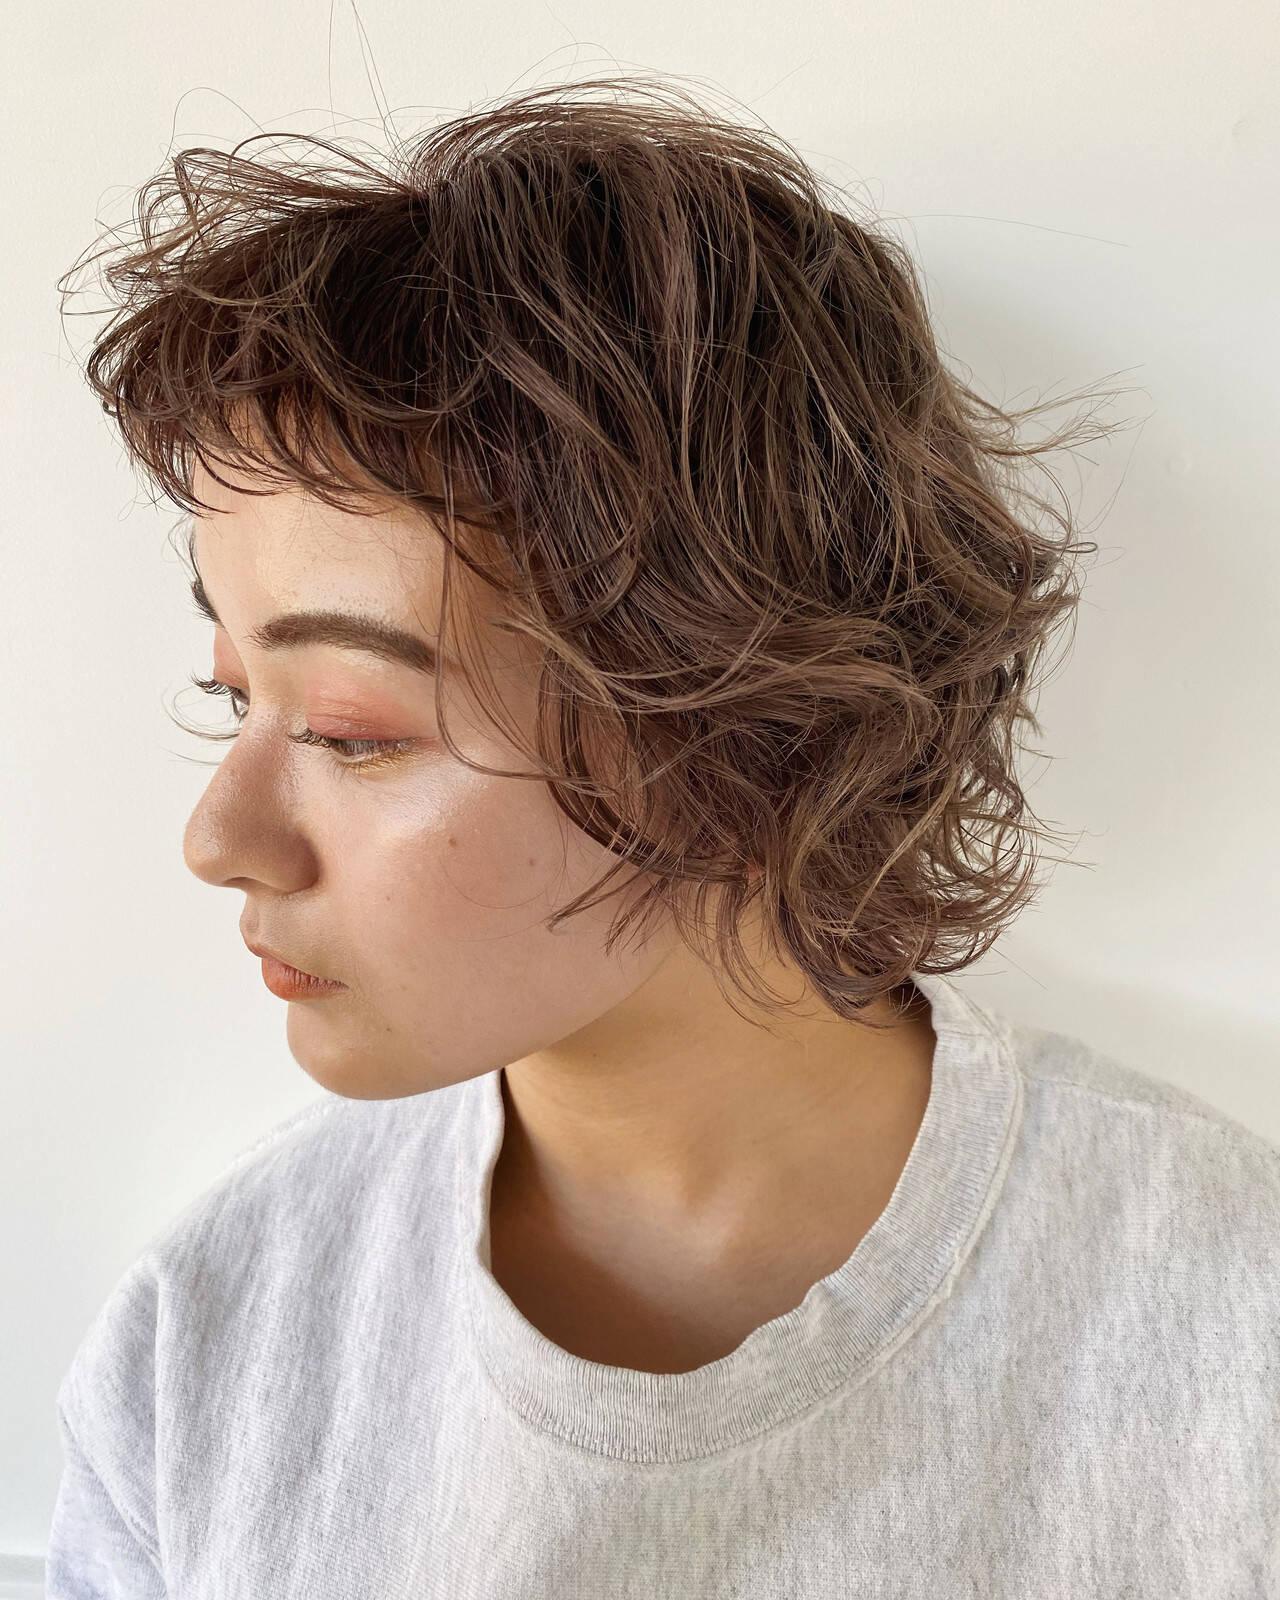 ゆるふわパーマ ナチュラル 前髪パーマ ボブヘアスタイルや髪型の写真・画像